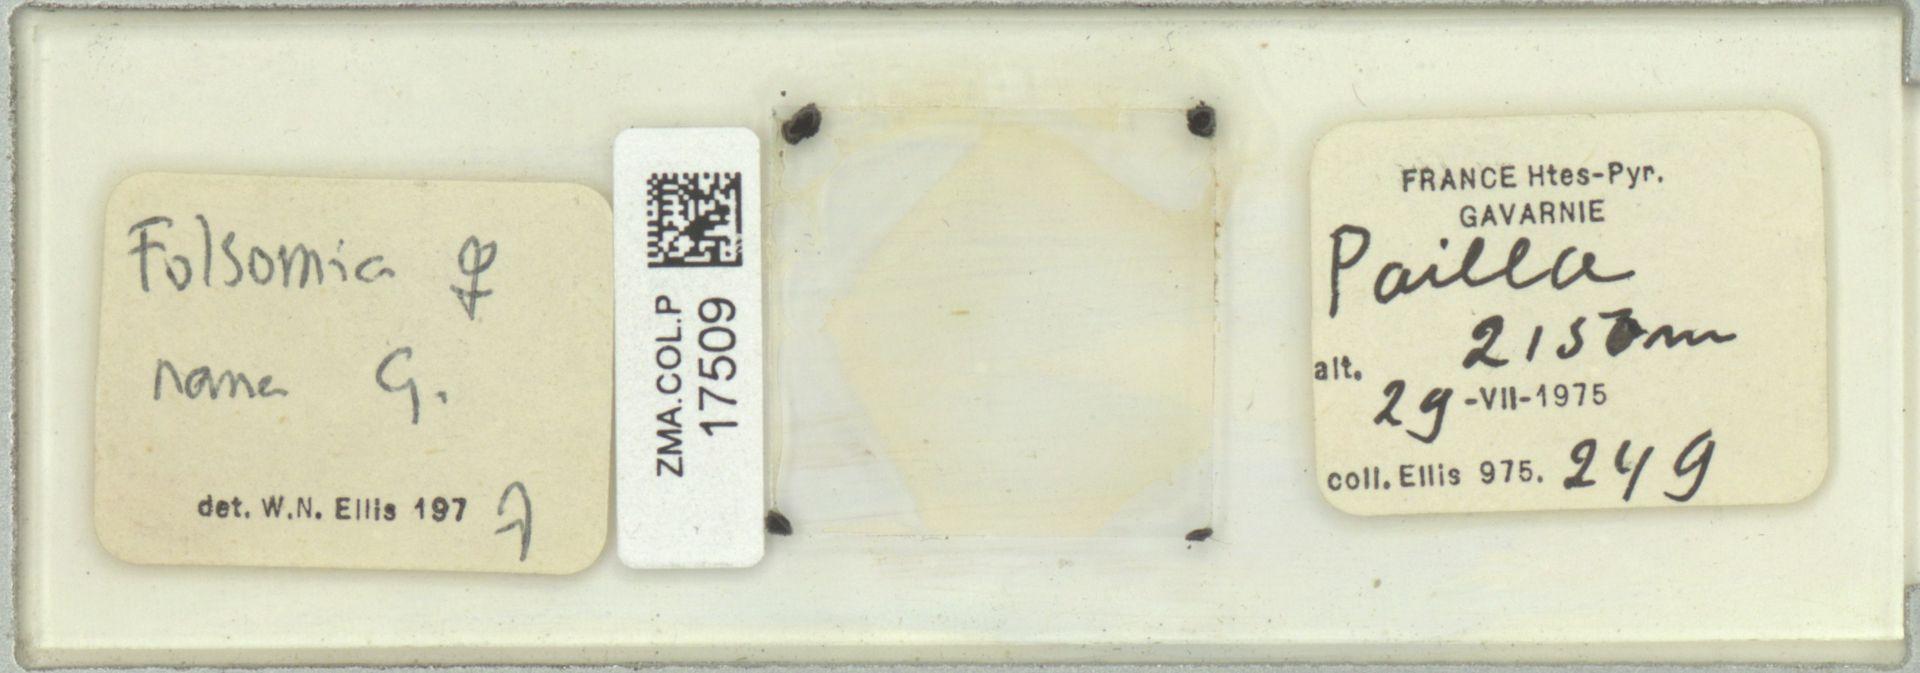 ZMA.COL.P.17509 | Folsomia nana G.